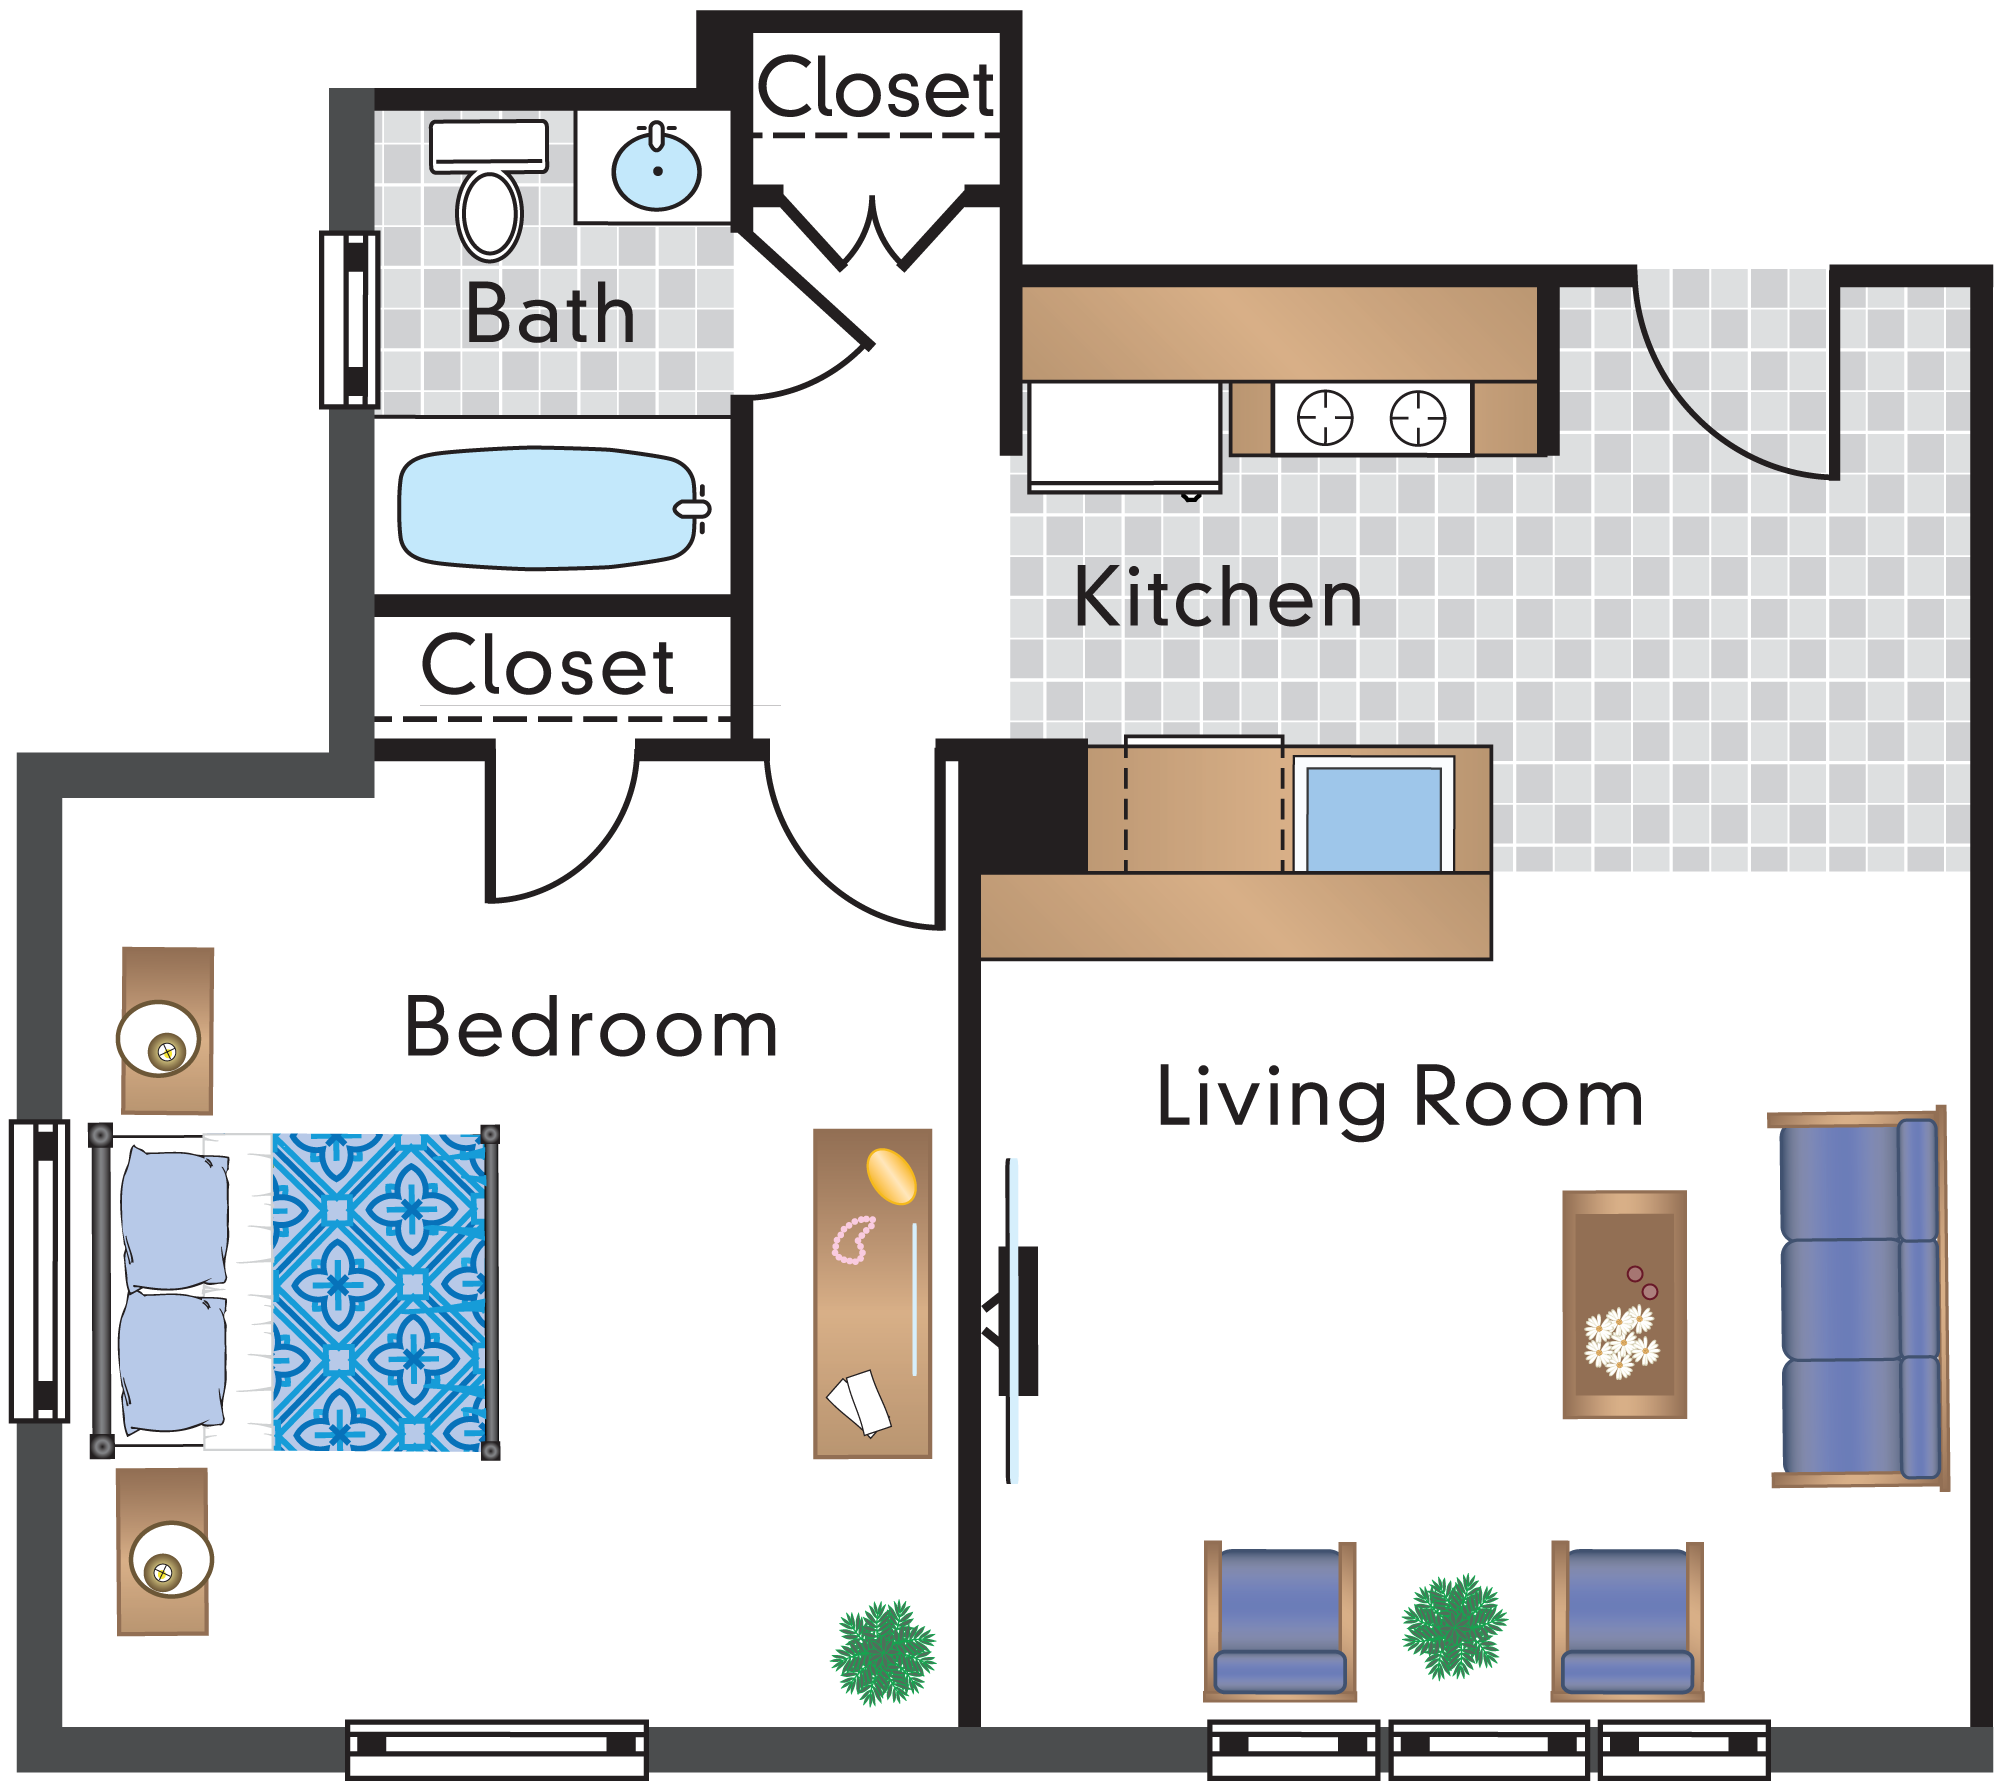 1 Bedroom 1 Bath Tier 1